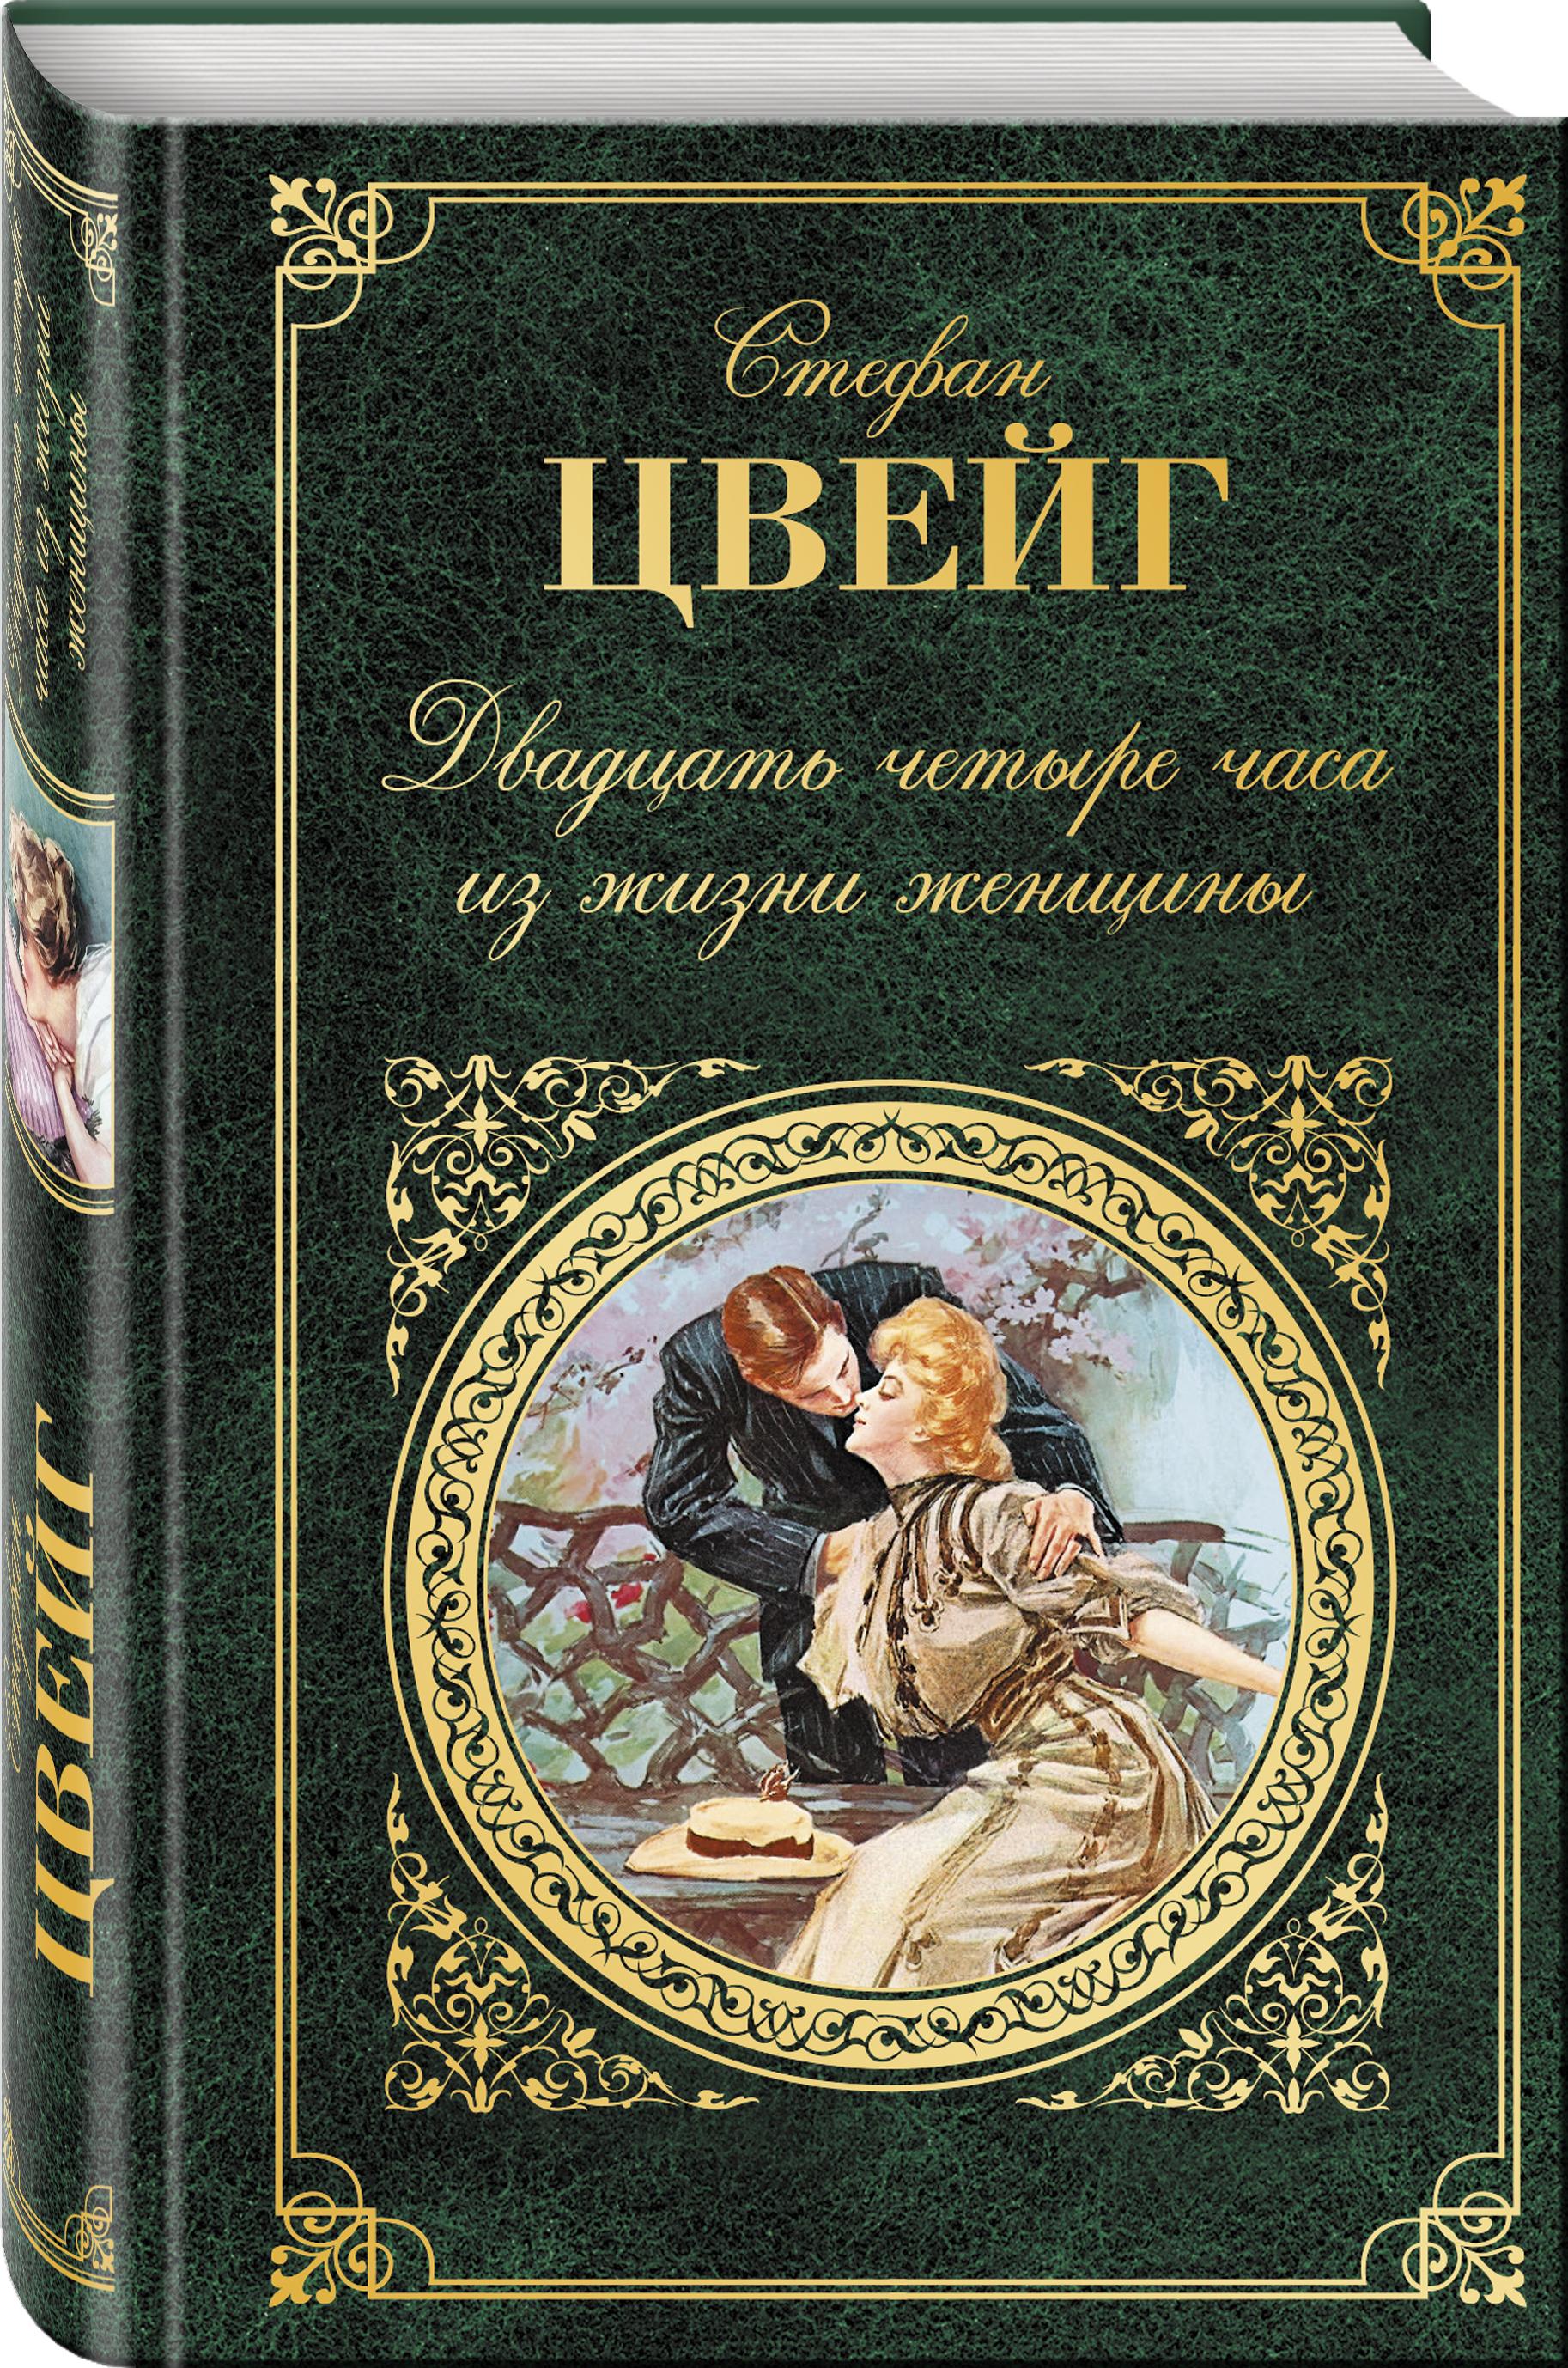 Стефан Цвейг Двадцать четыре часа из жизни женщины стефан цвейг стефан цвейг собрание сочинений в 8 томах том 8